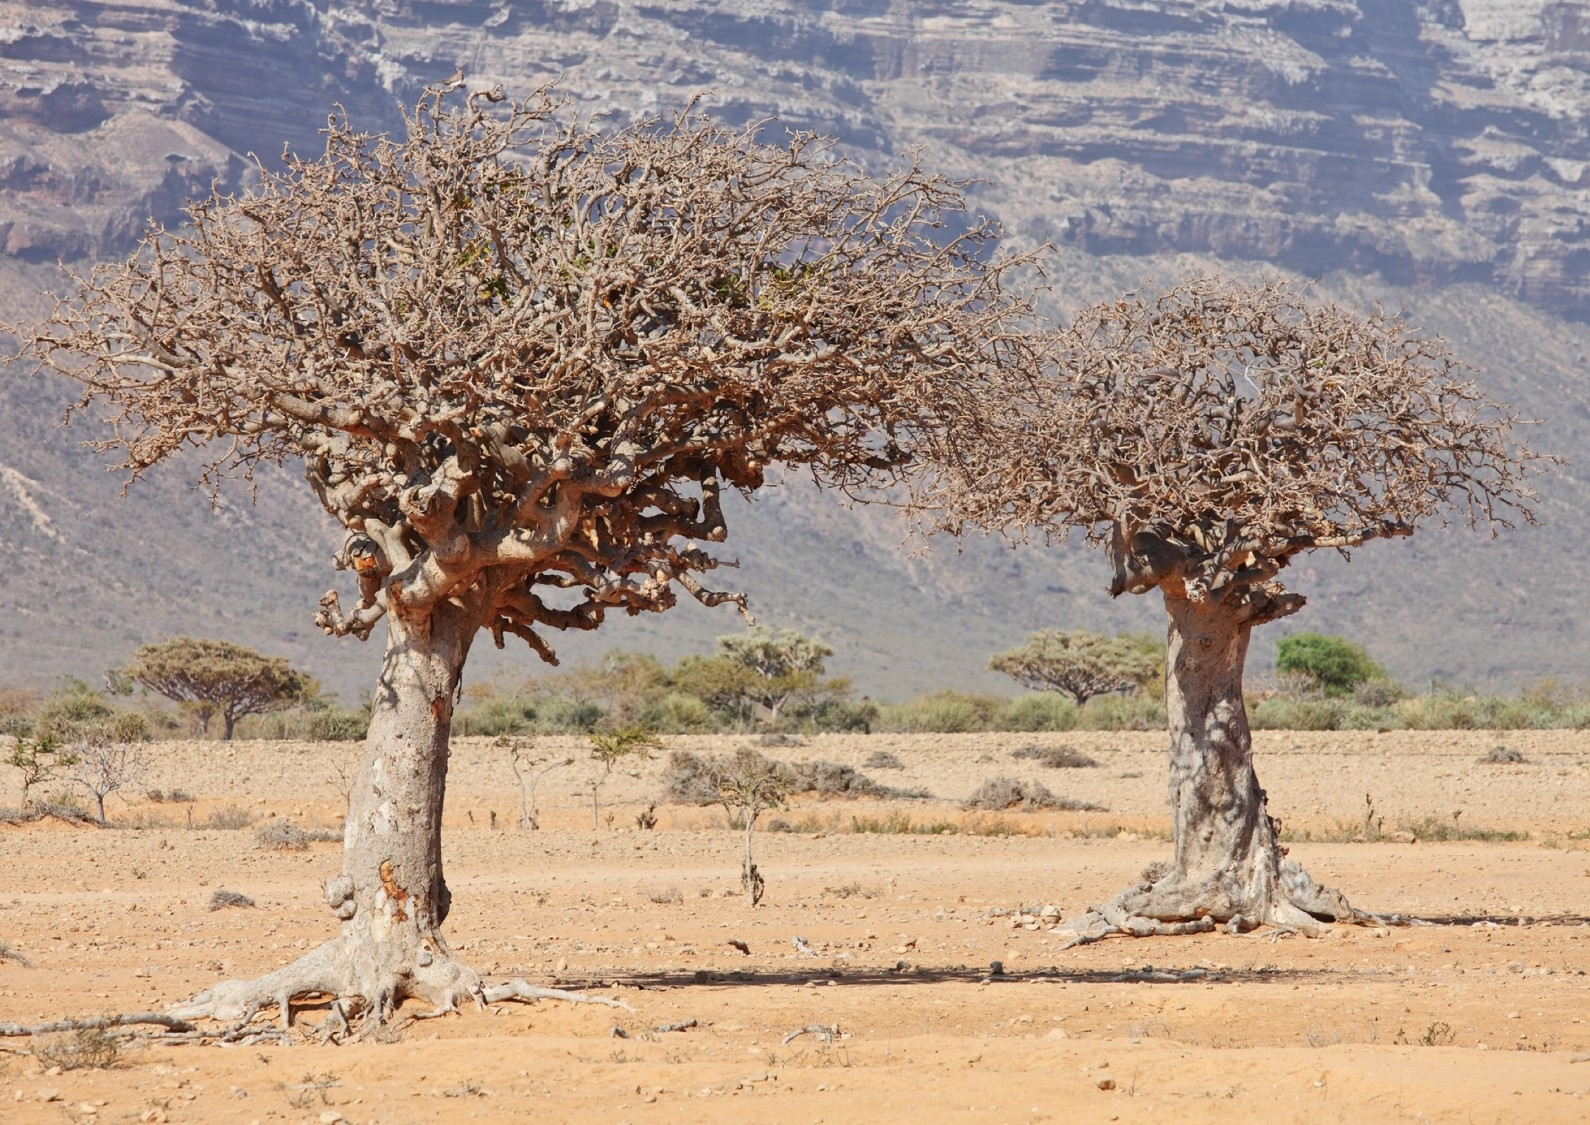 珍稀乳香 流傳上千年的沙漠瑰寶 (Sponsored)